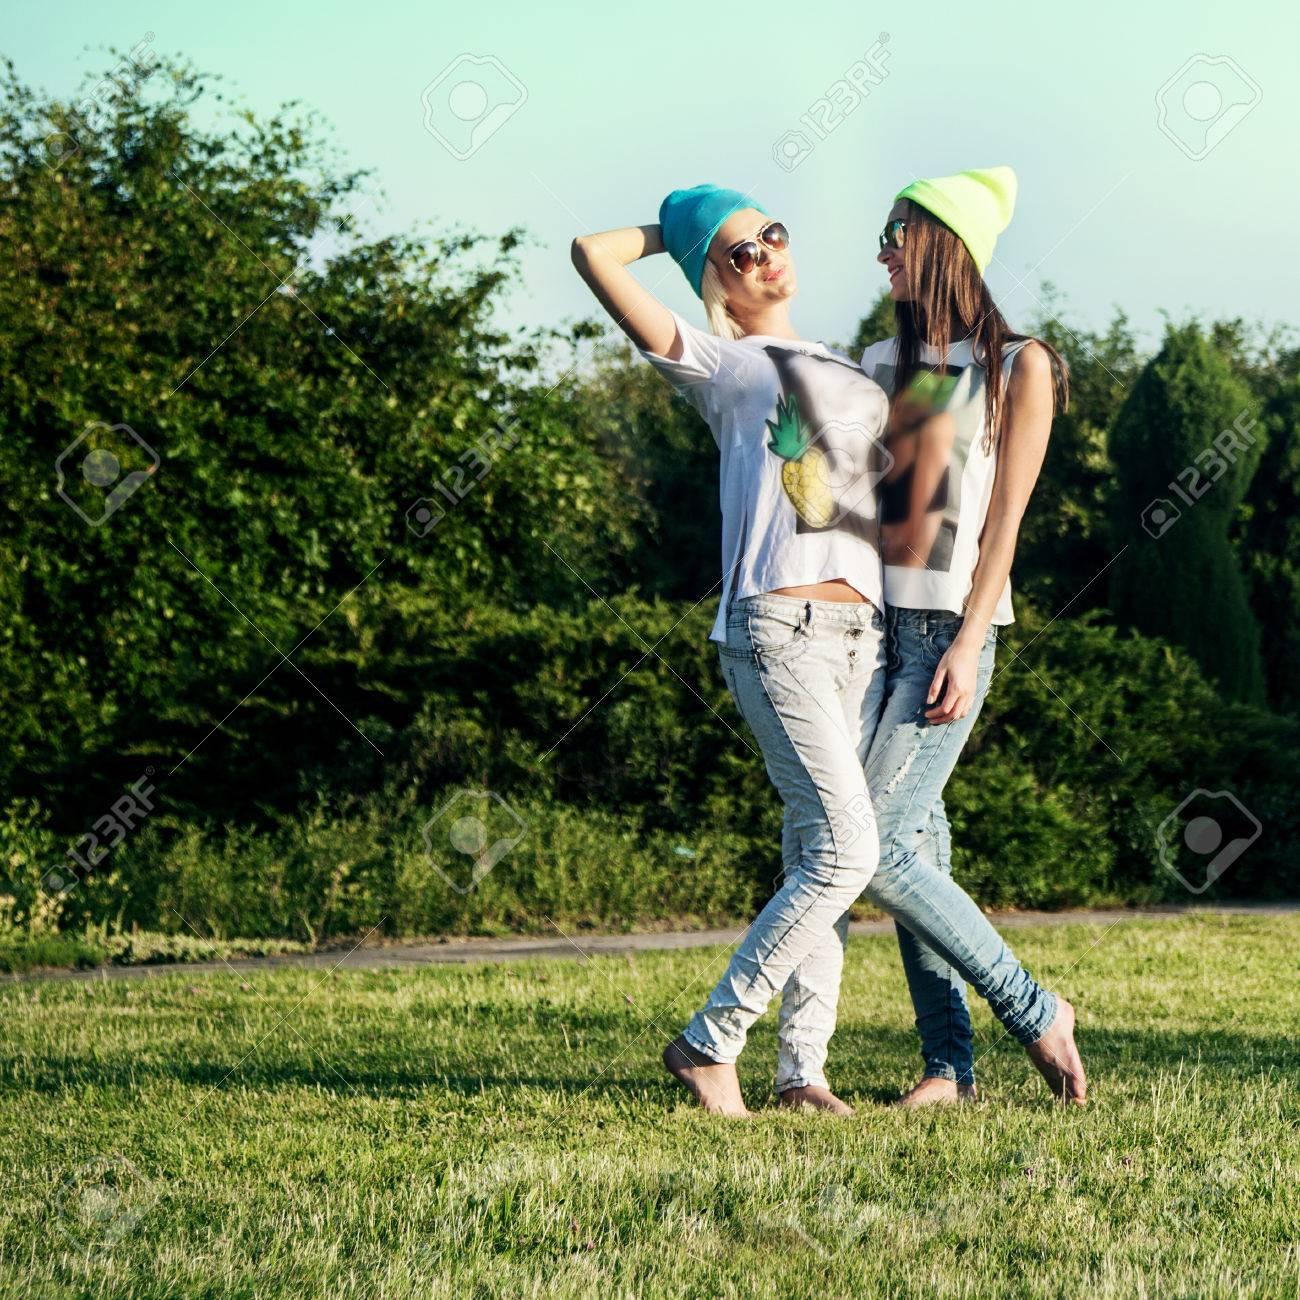 1d8ba4a35995 Dos chicas hermosas jóvenes posando al aire libre en el parque, vistiendo  ropa de moda. Foto del verano. Mejores amigos.